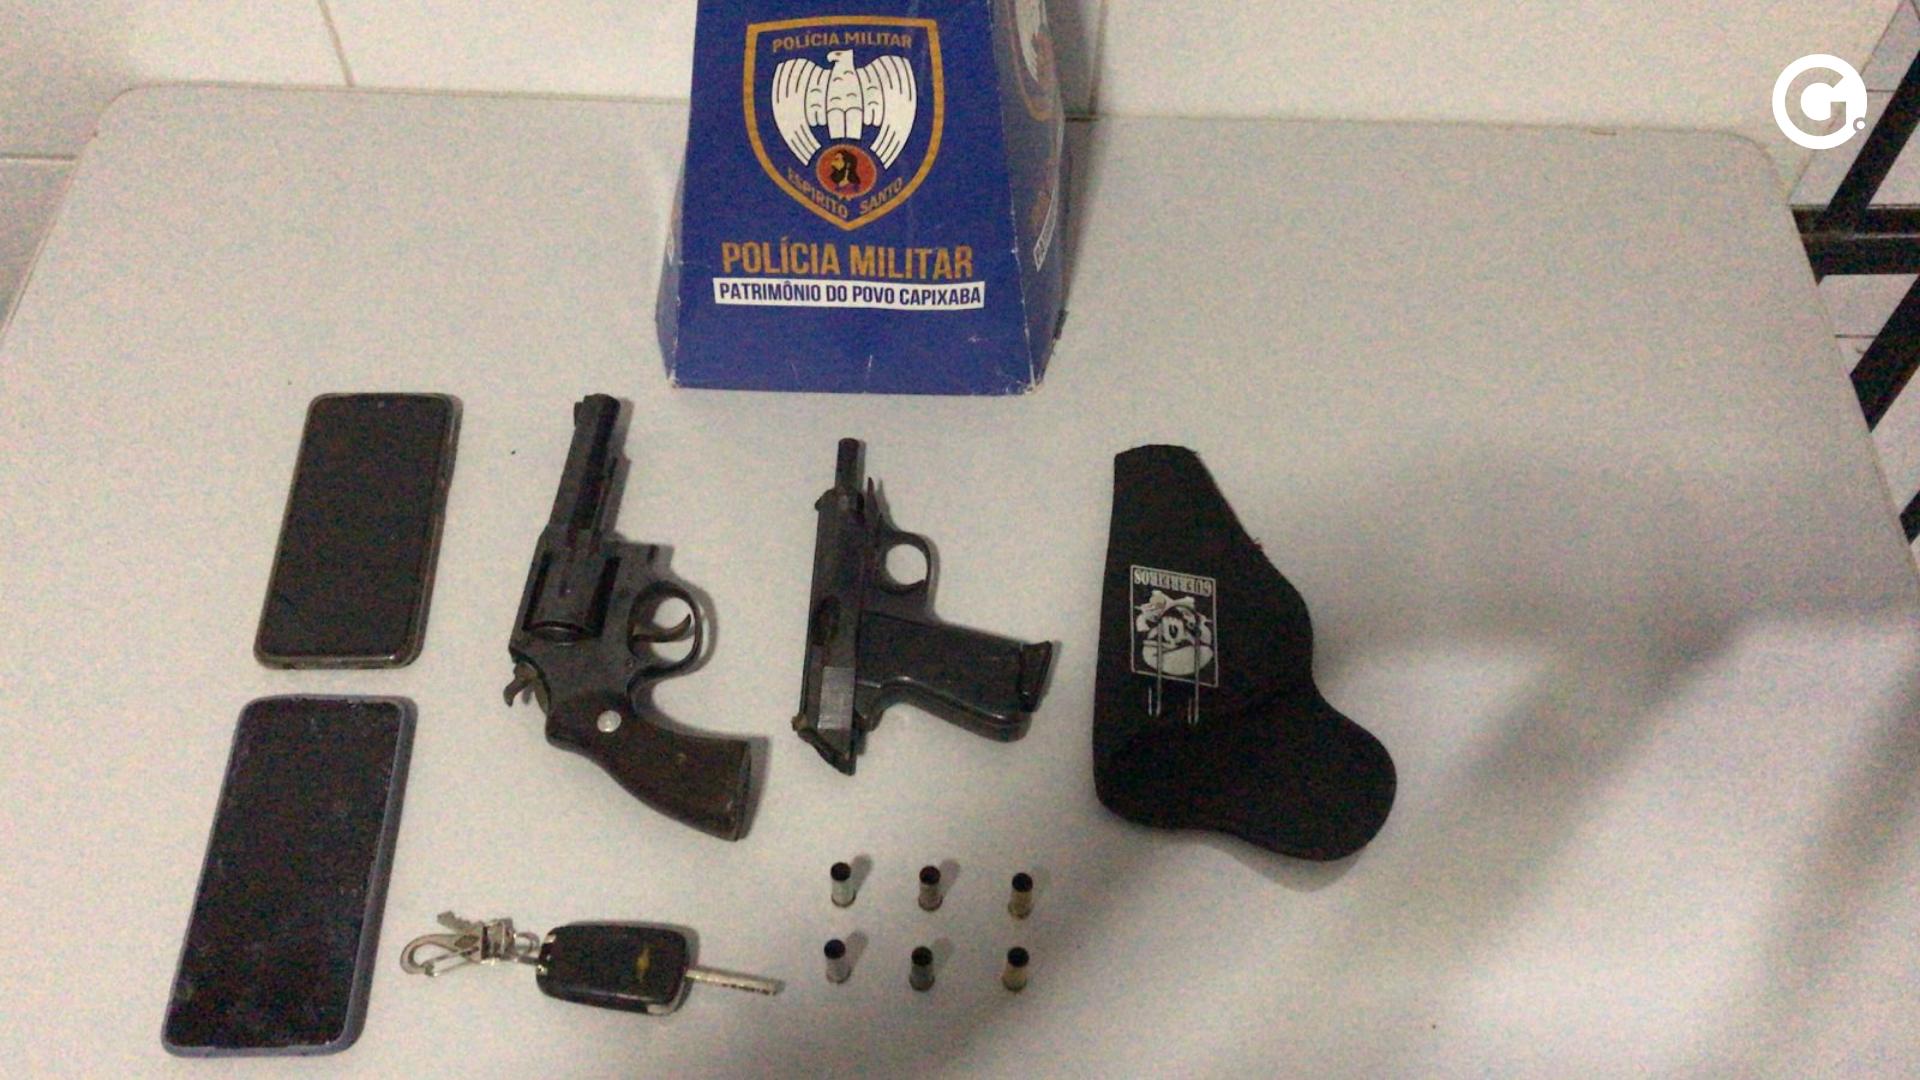 Material apreendido com suspeitos em Sooretama. Crédito: Polícia Militar